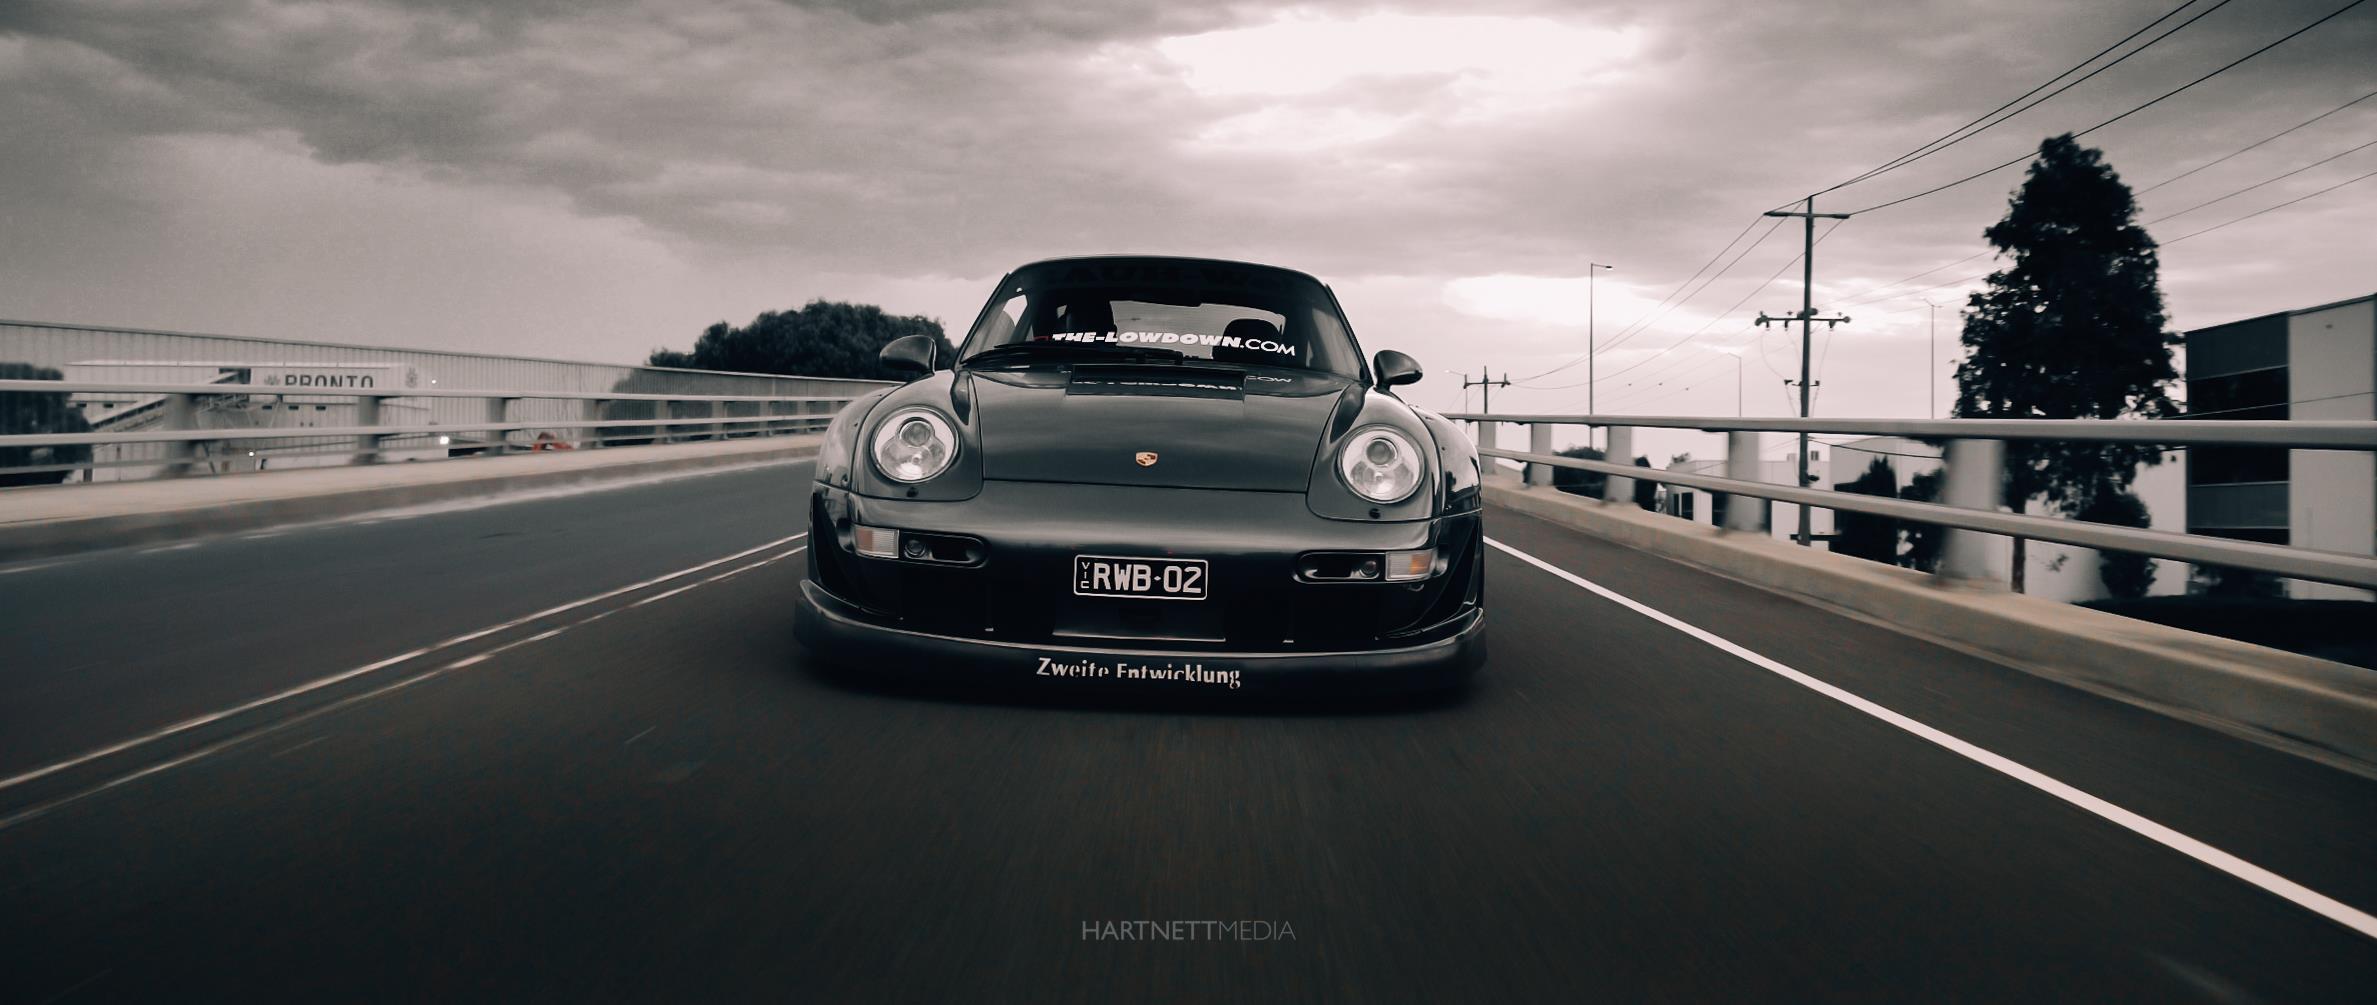 RWB Down Under; Porsche 993